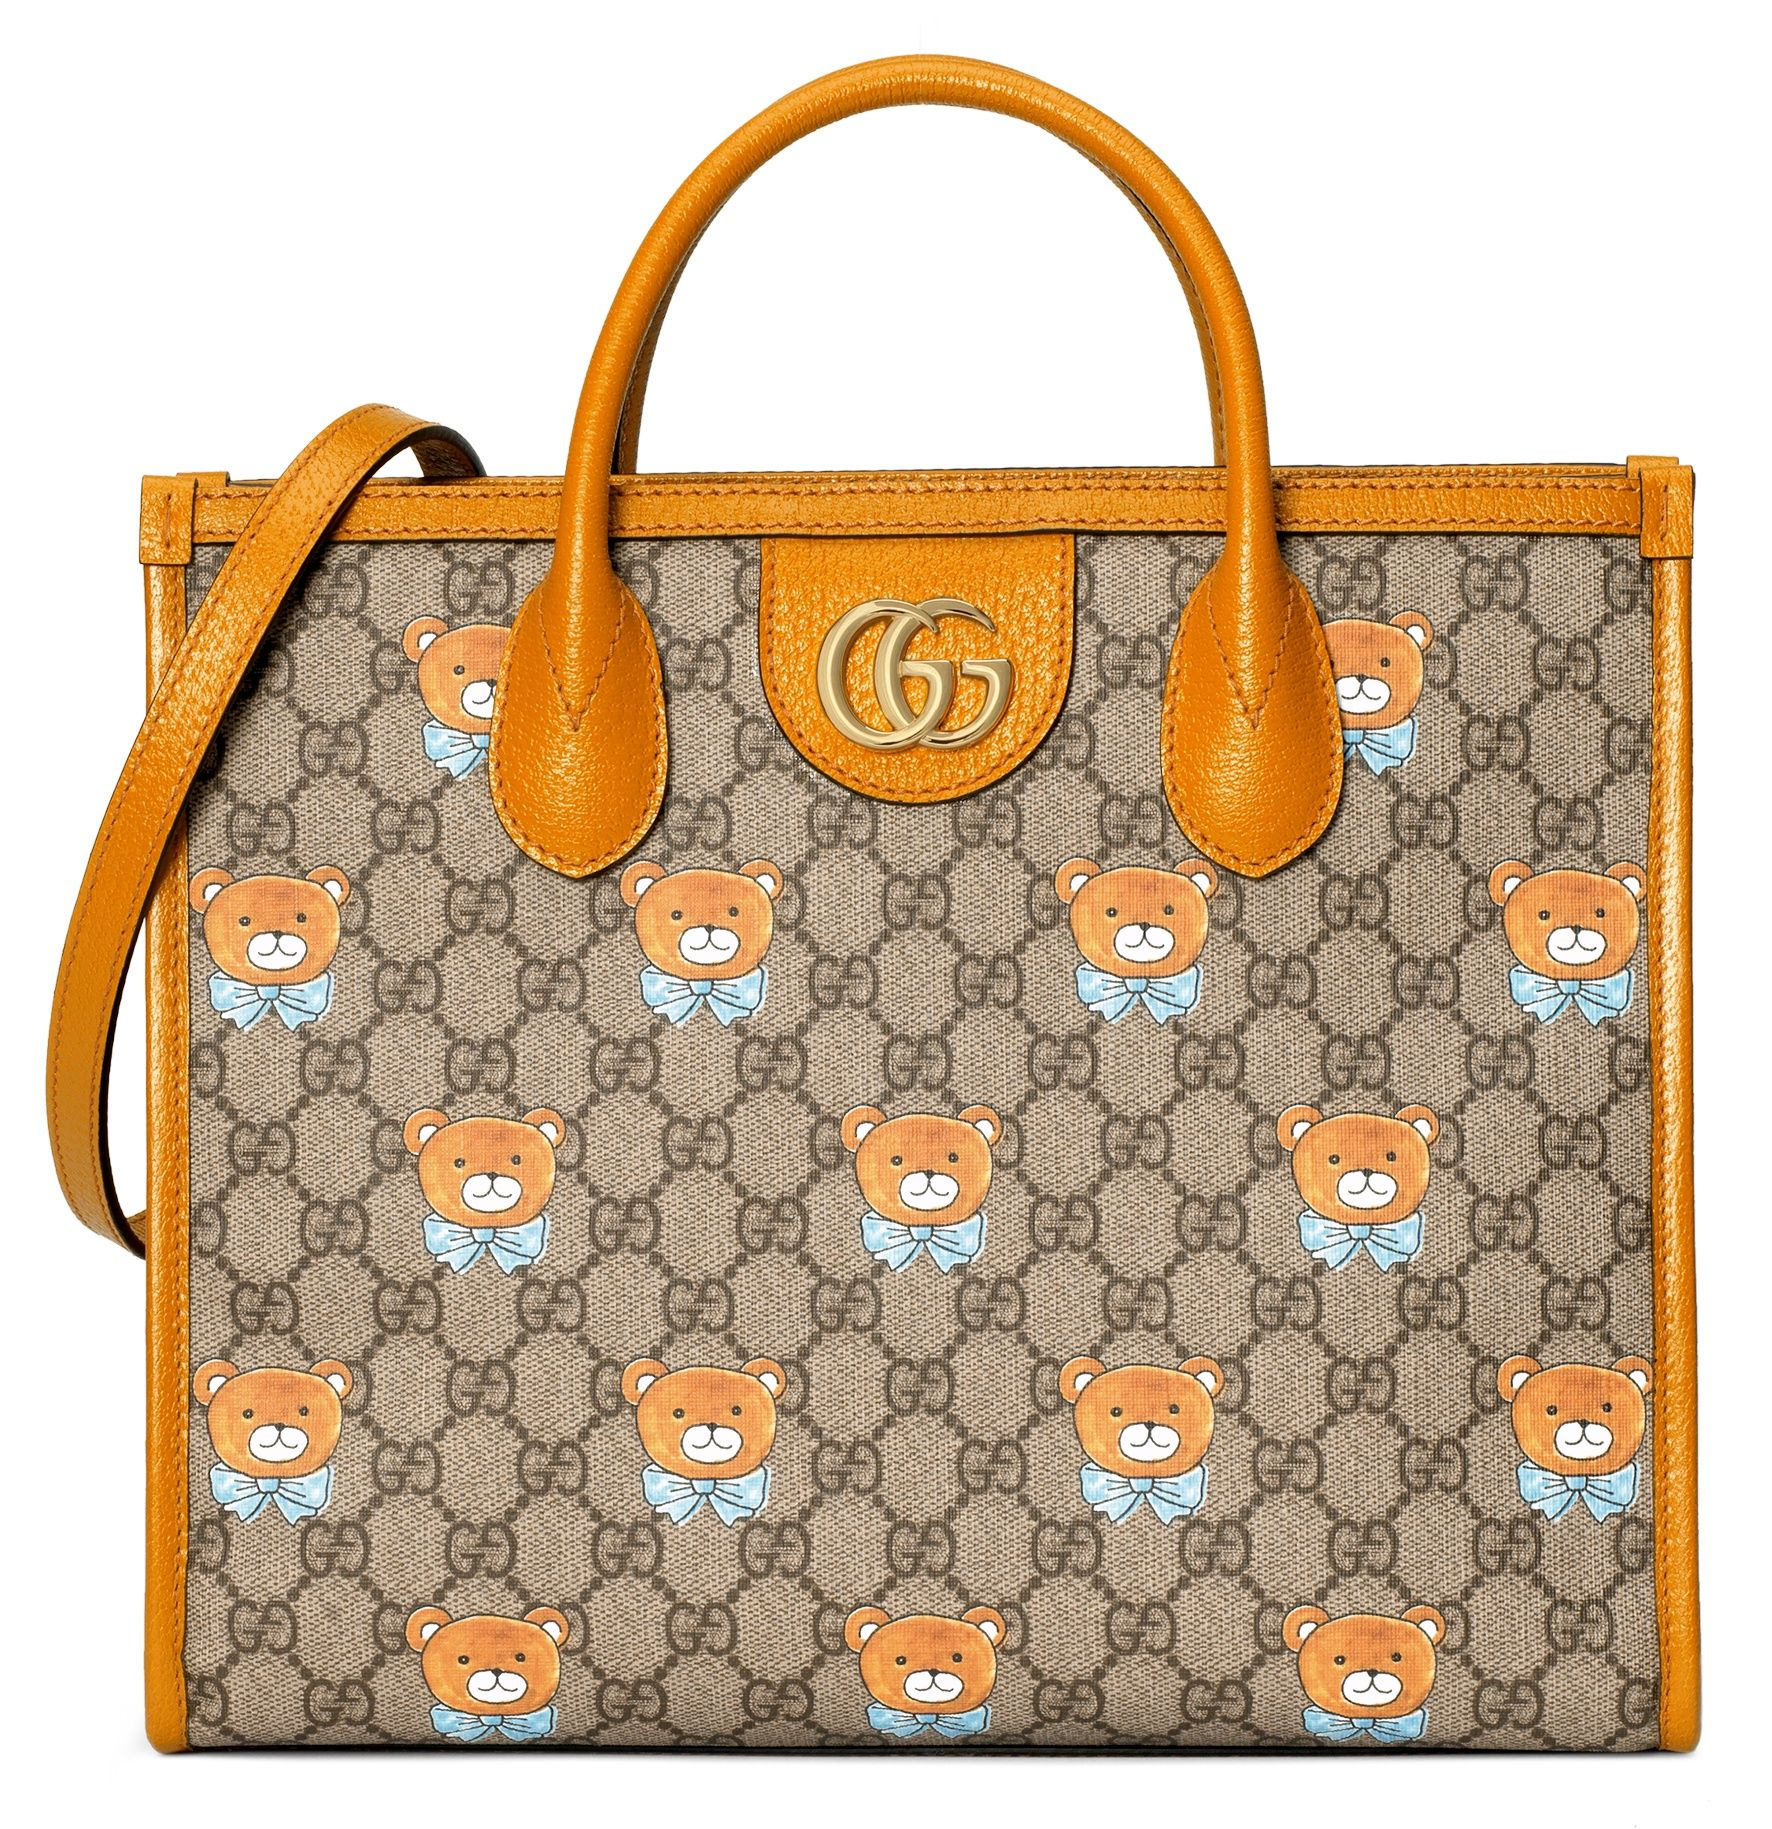 KAI x Gucci 聯名系列托特包,建議售價 NT$59,500